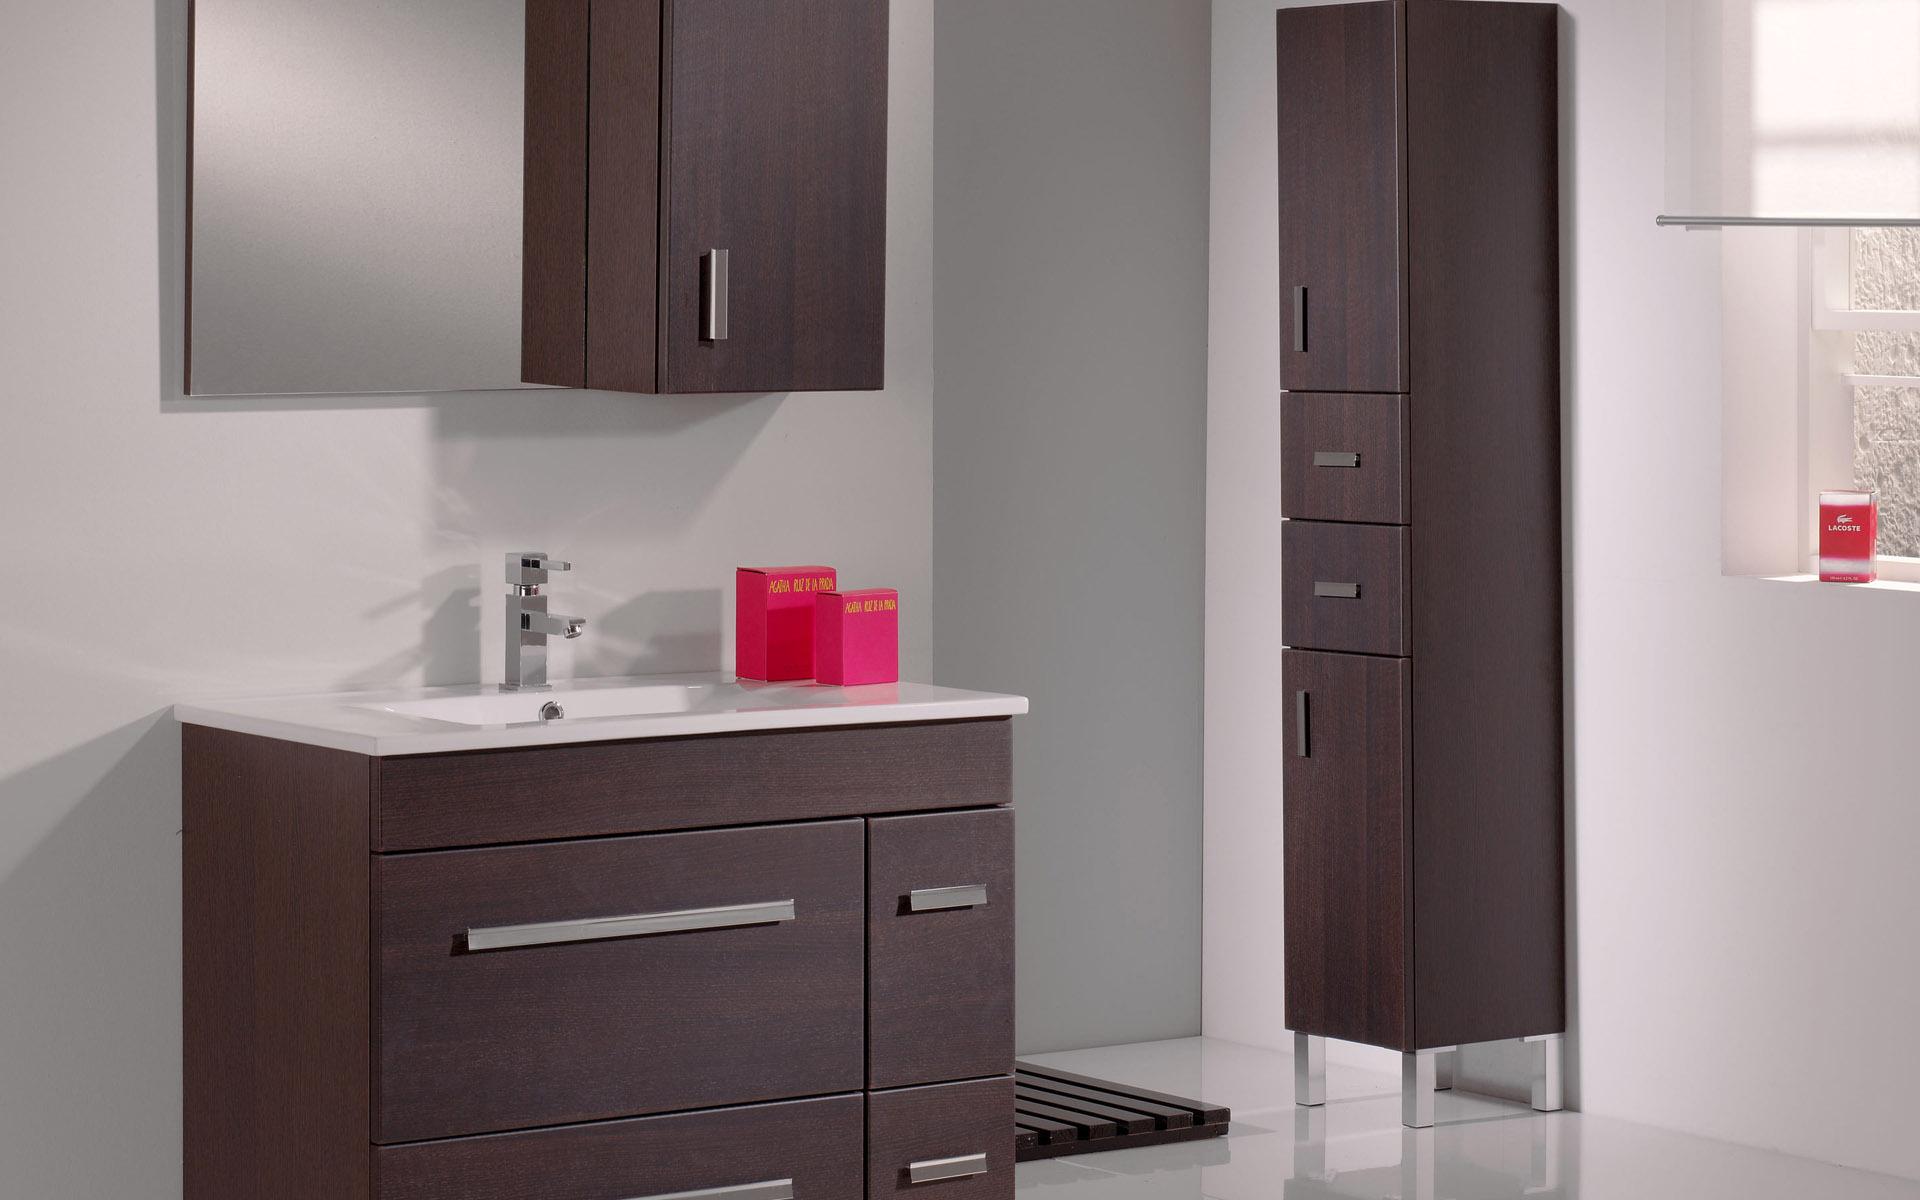 Bathroom wardrobe interior design ideas for Bathroom wardrobe designs